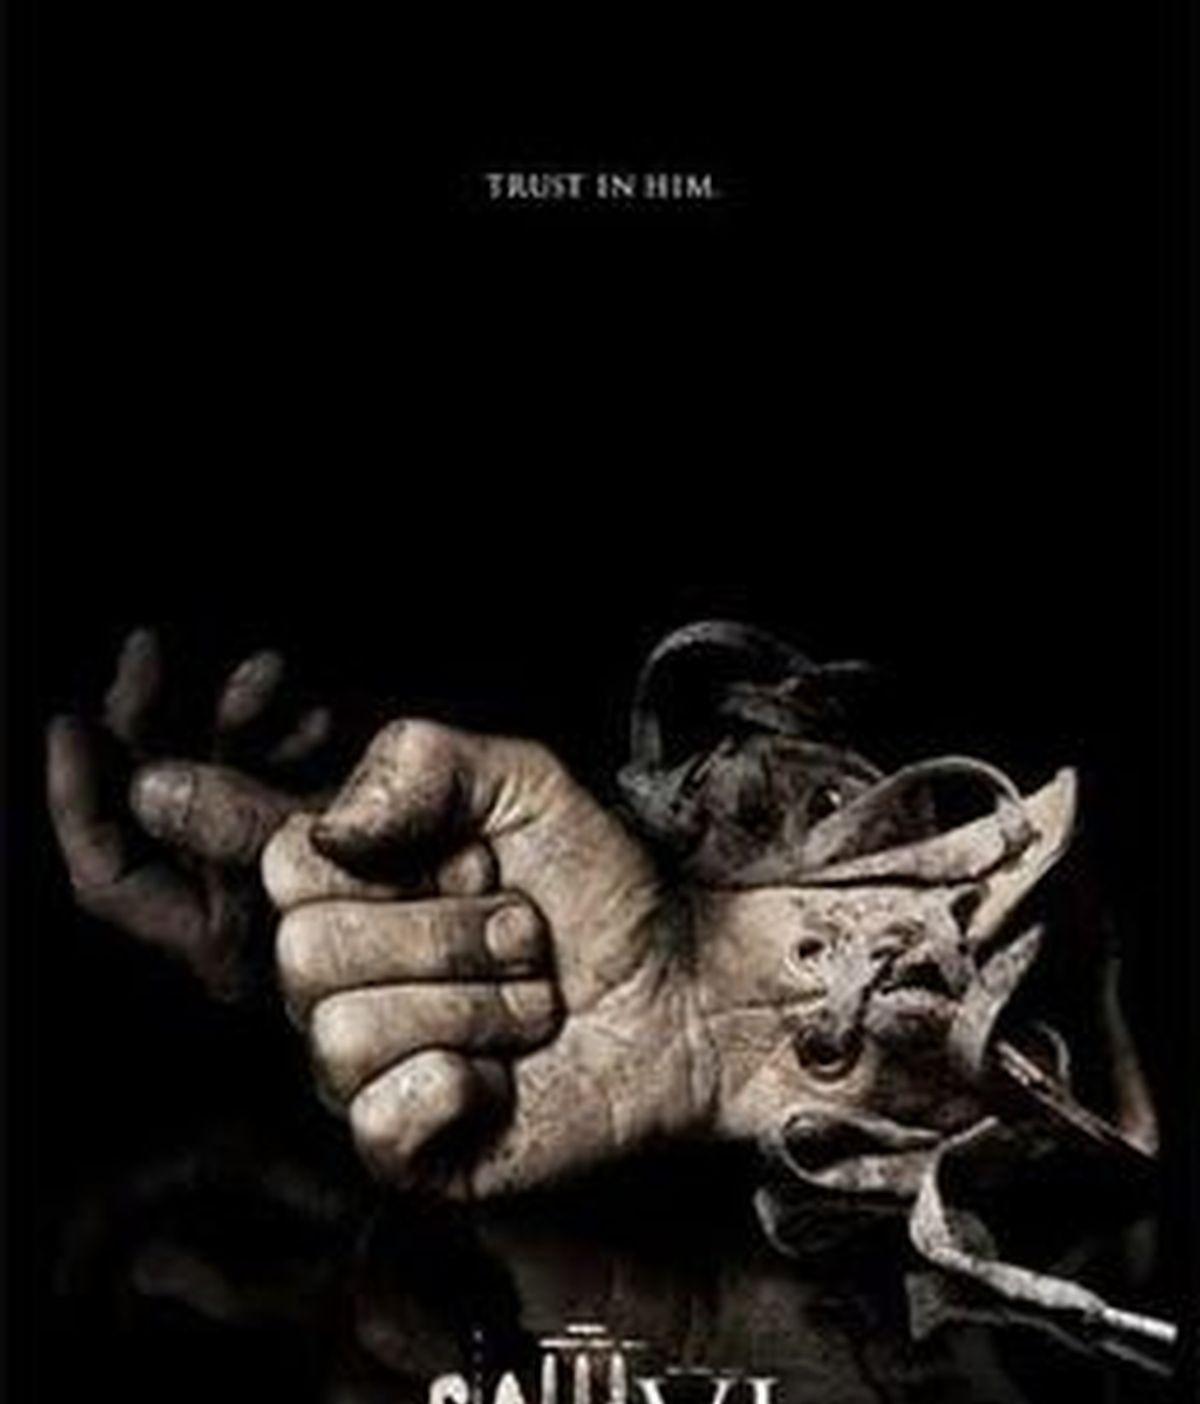 La sexta entrega de saw, ' SAW VI ',   filme dirigido por Kevin Greutert ha levantado grandes expectativas entre sus miles de fans y seguidores de la sangrienta saga.